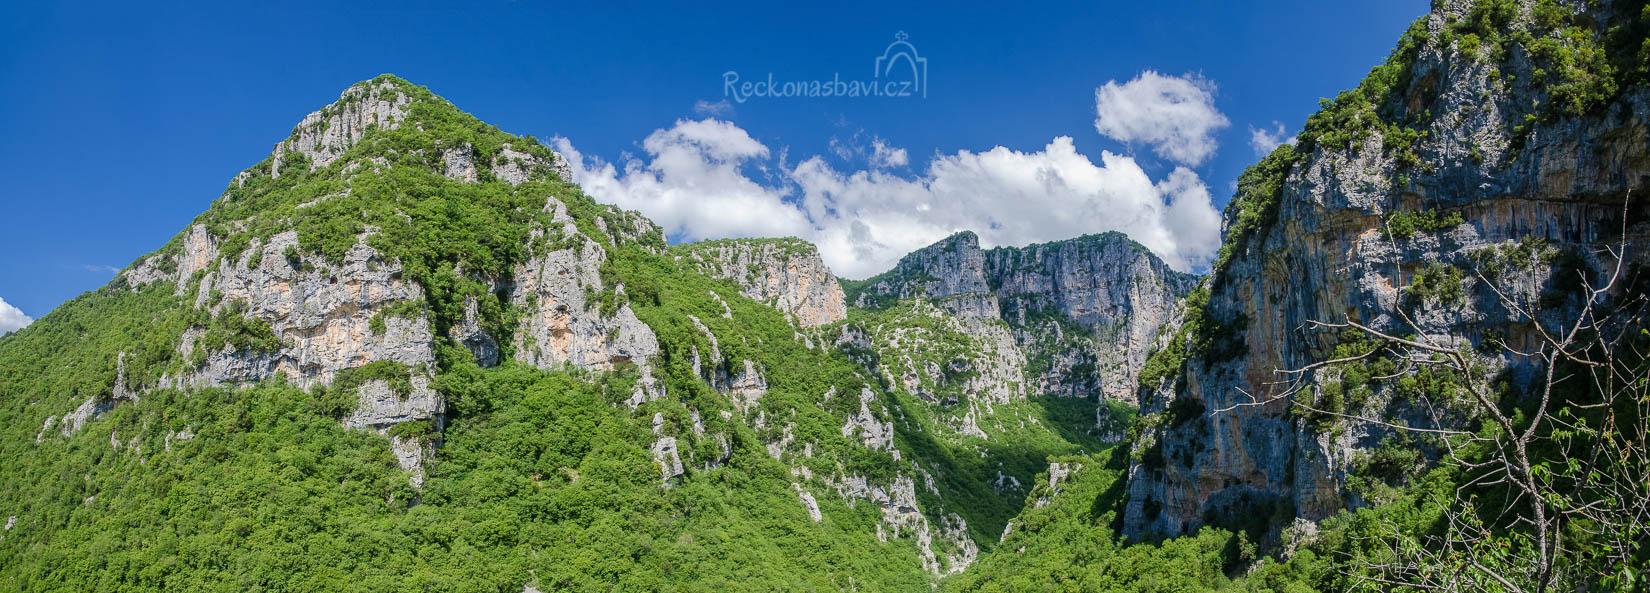 ... panorama z vyhlídky. Jestli máte po ruce dalekohled, tak možná uvidíte uprostřed snímku kostel Aghia Paraskeví s vyhlášenou skalní římsou ...